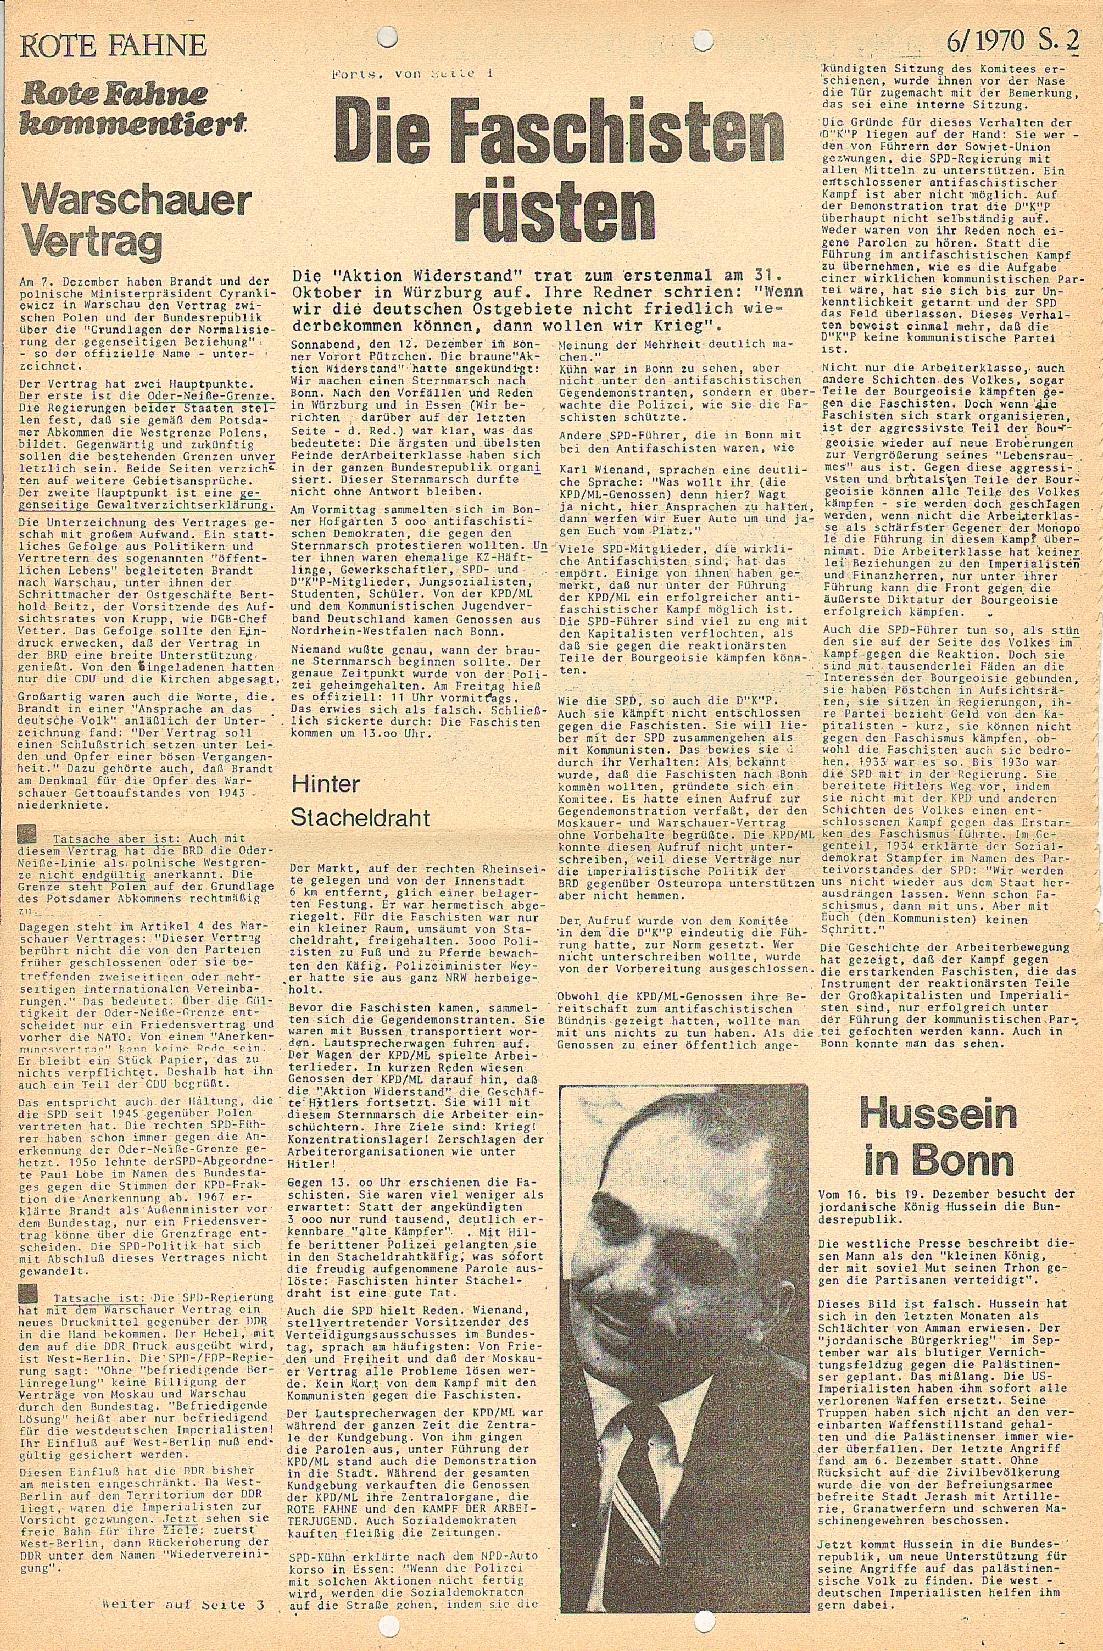 Rote Fahne, 1. Jg., 21.12.1970, Nr. 6, Seite 2